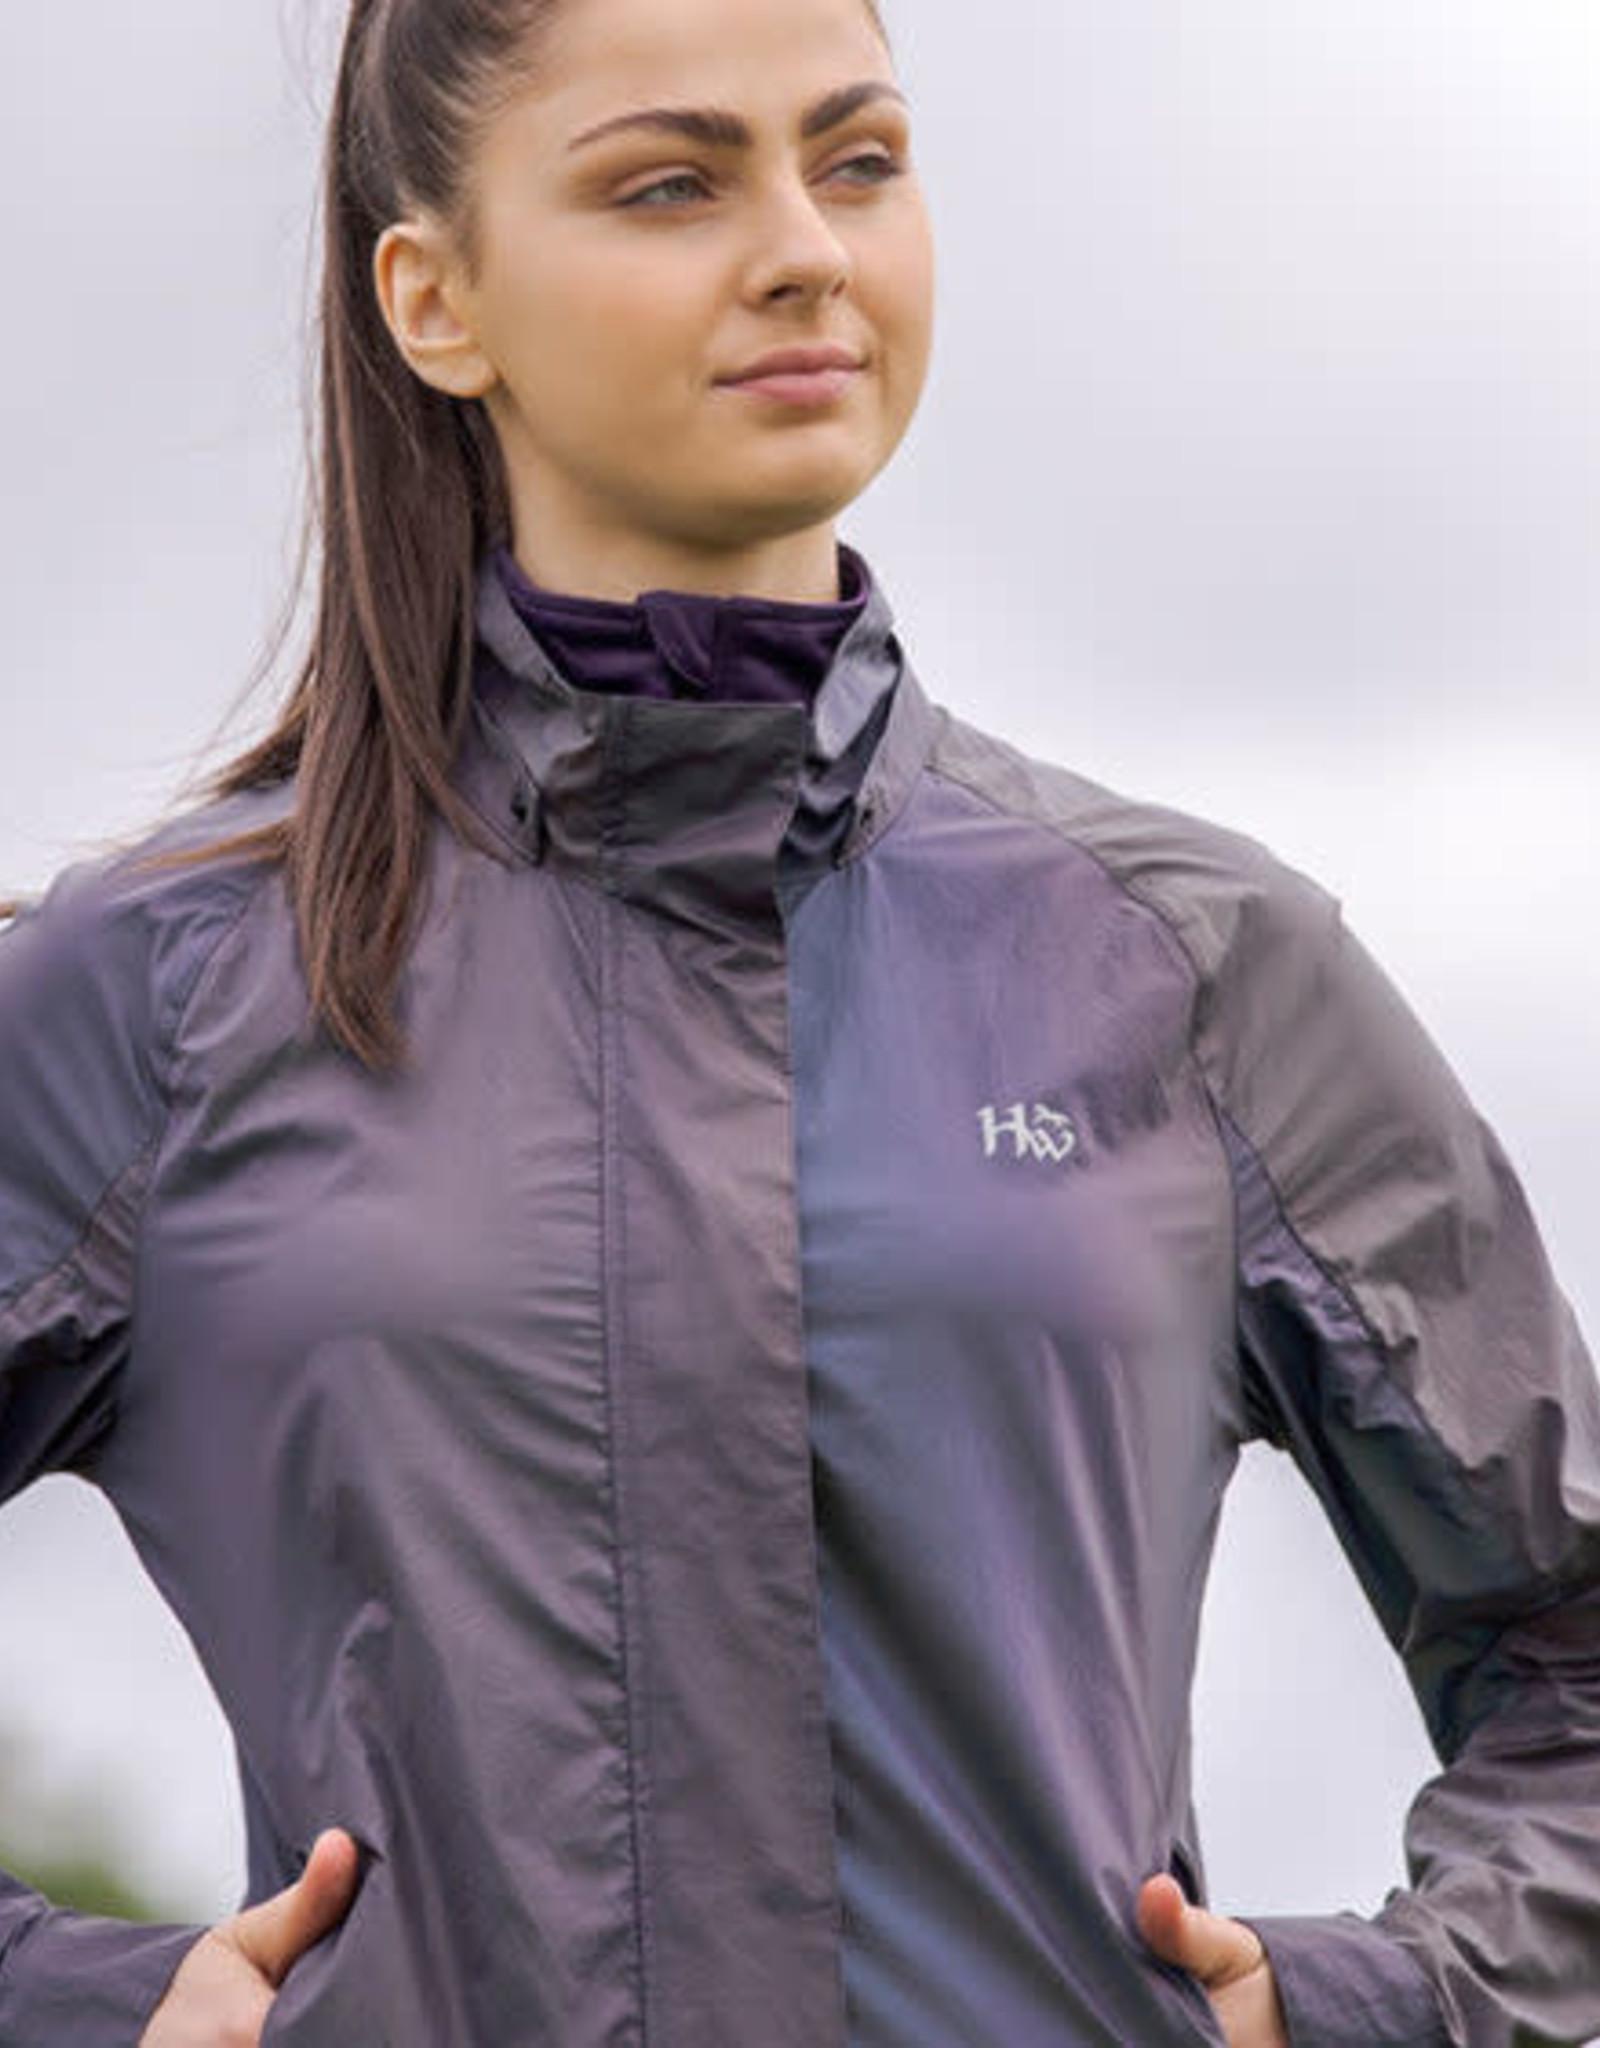 HORSEWARE IRELAND RAINBOW REFLECTIVE JACKET